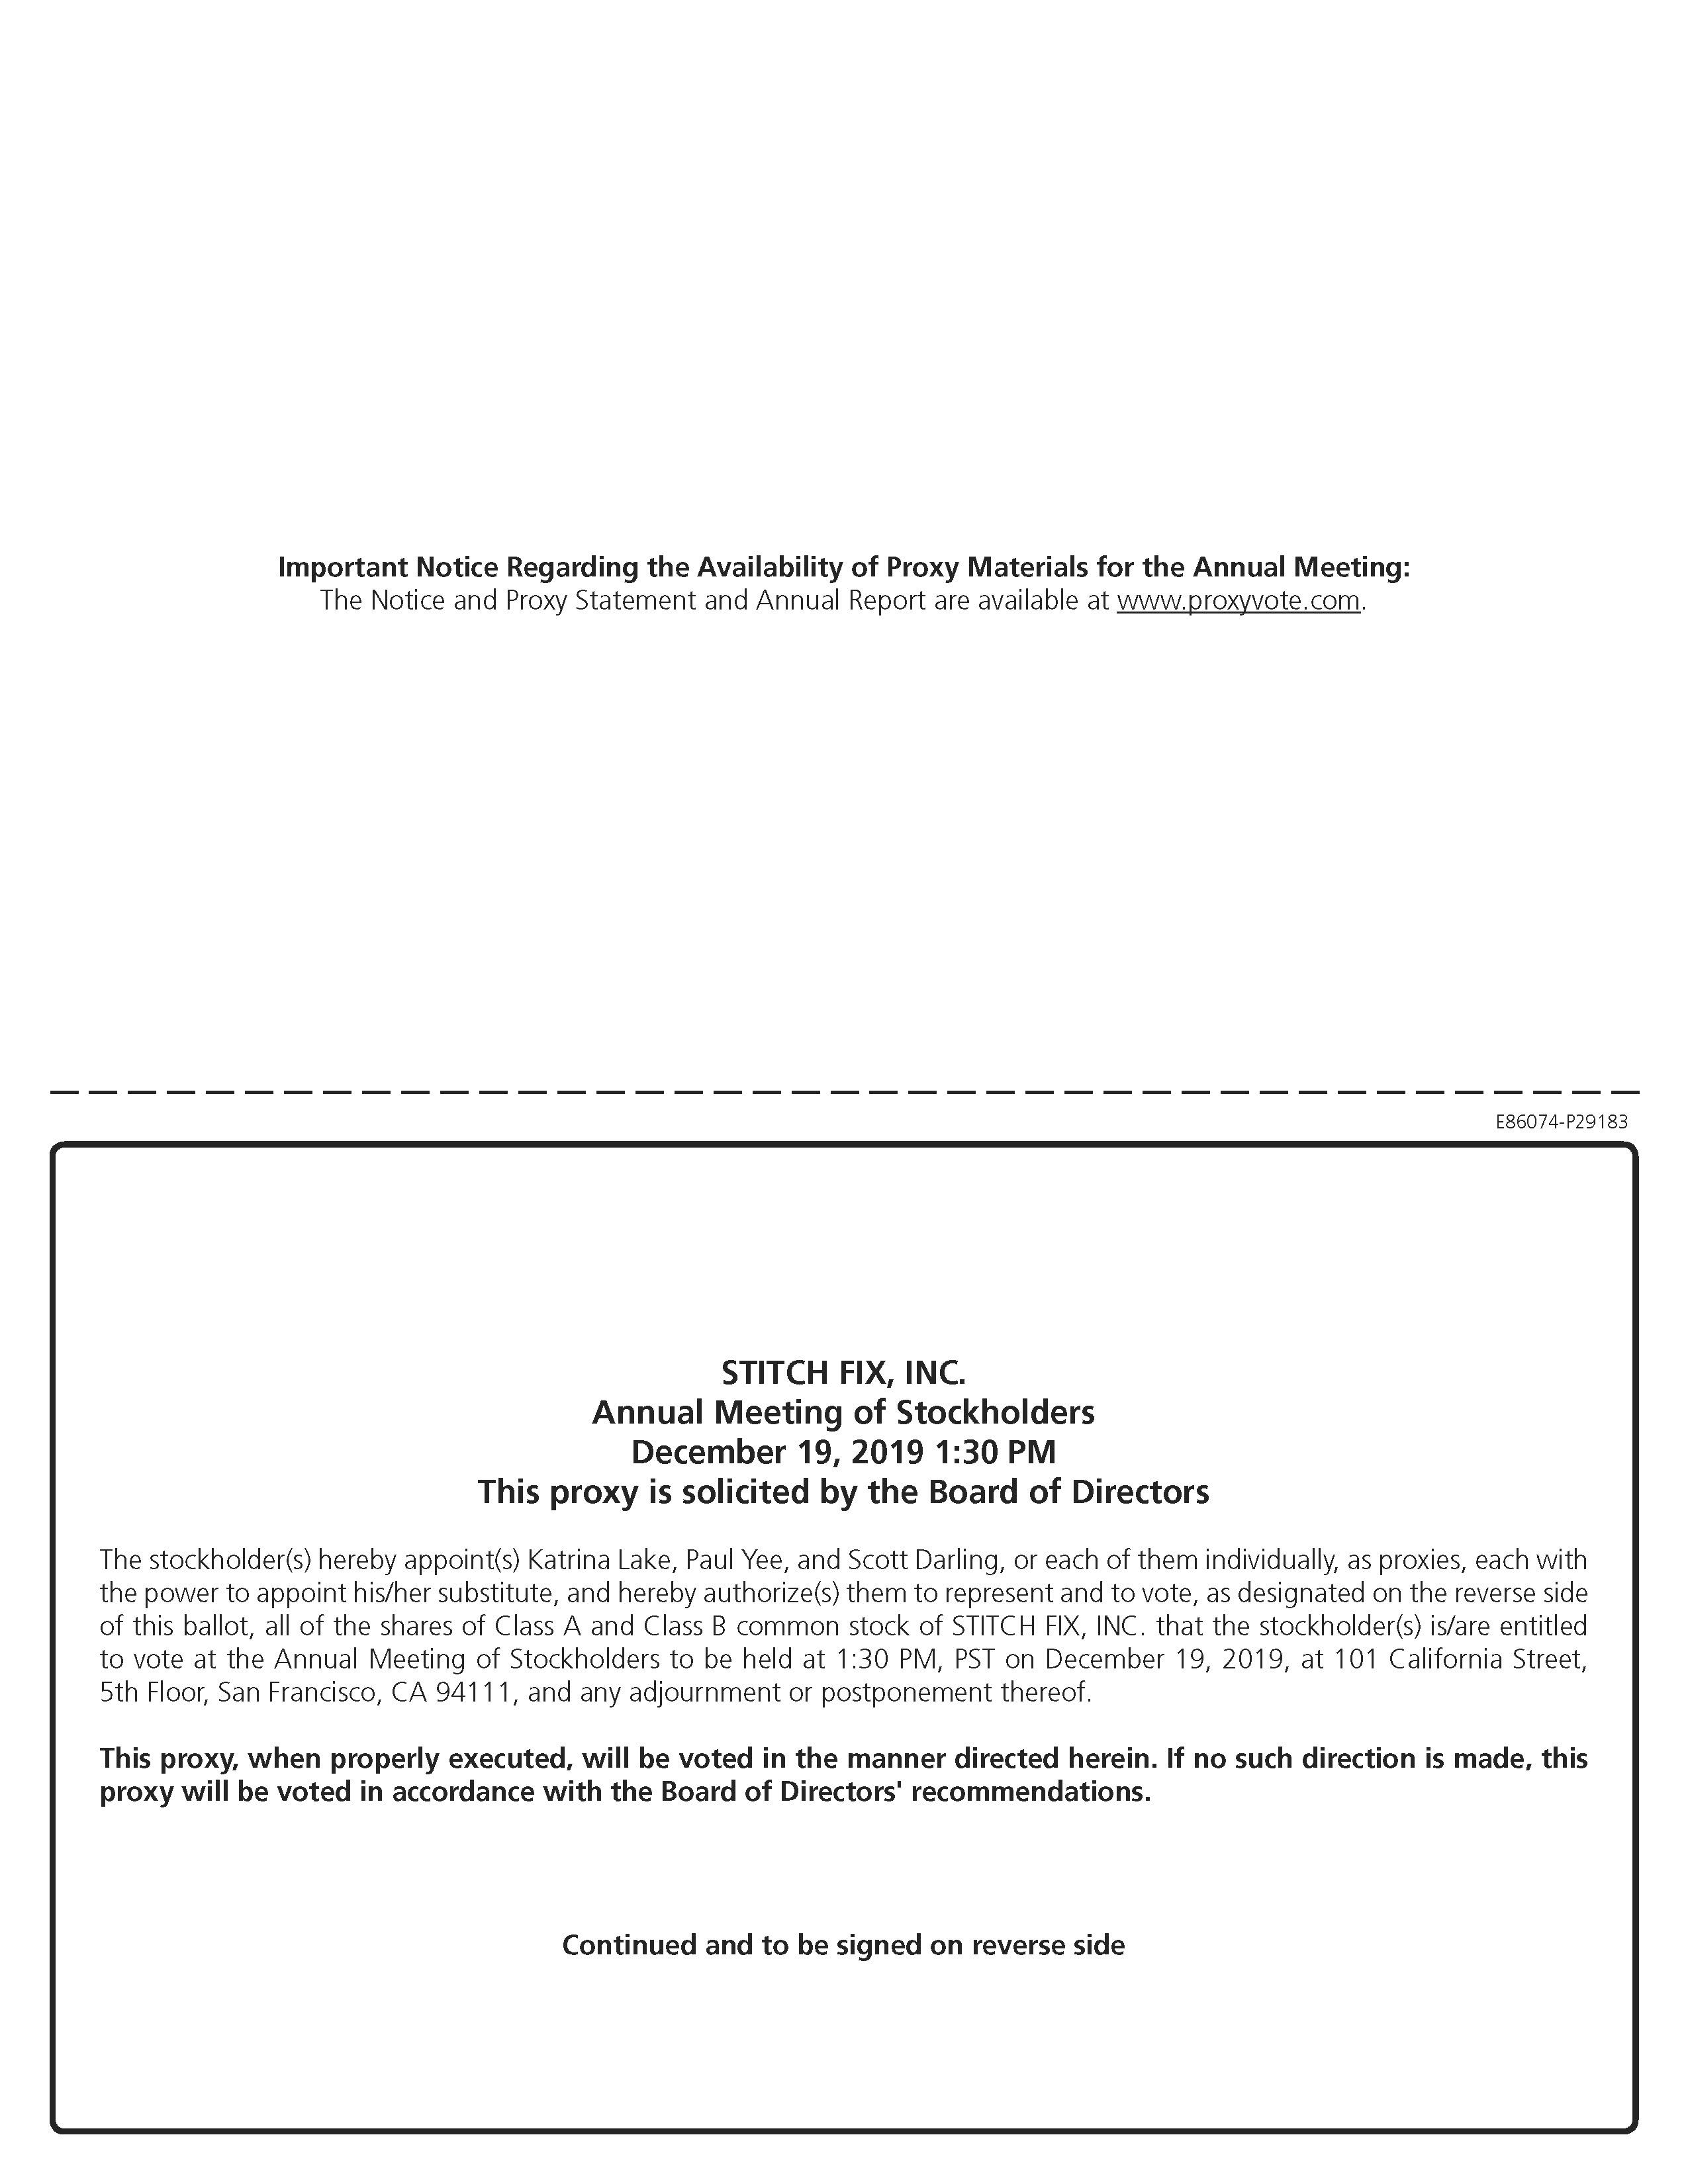 https://cdn.kscope.io/5937b1ef1c2a026a24f4fd959d27de23-proxycardpage2.jpg